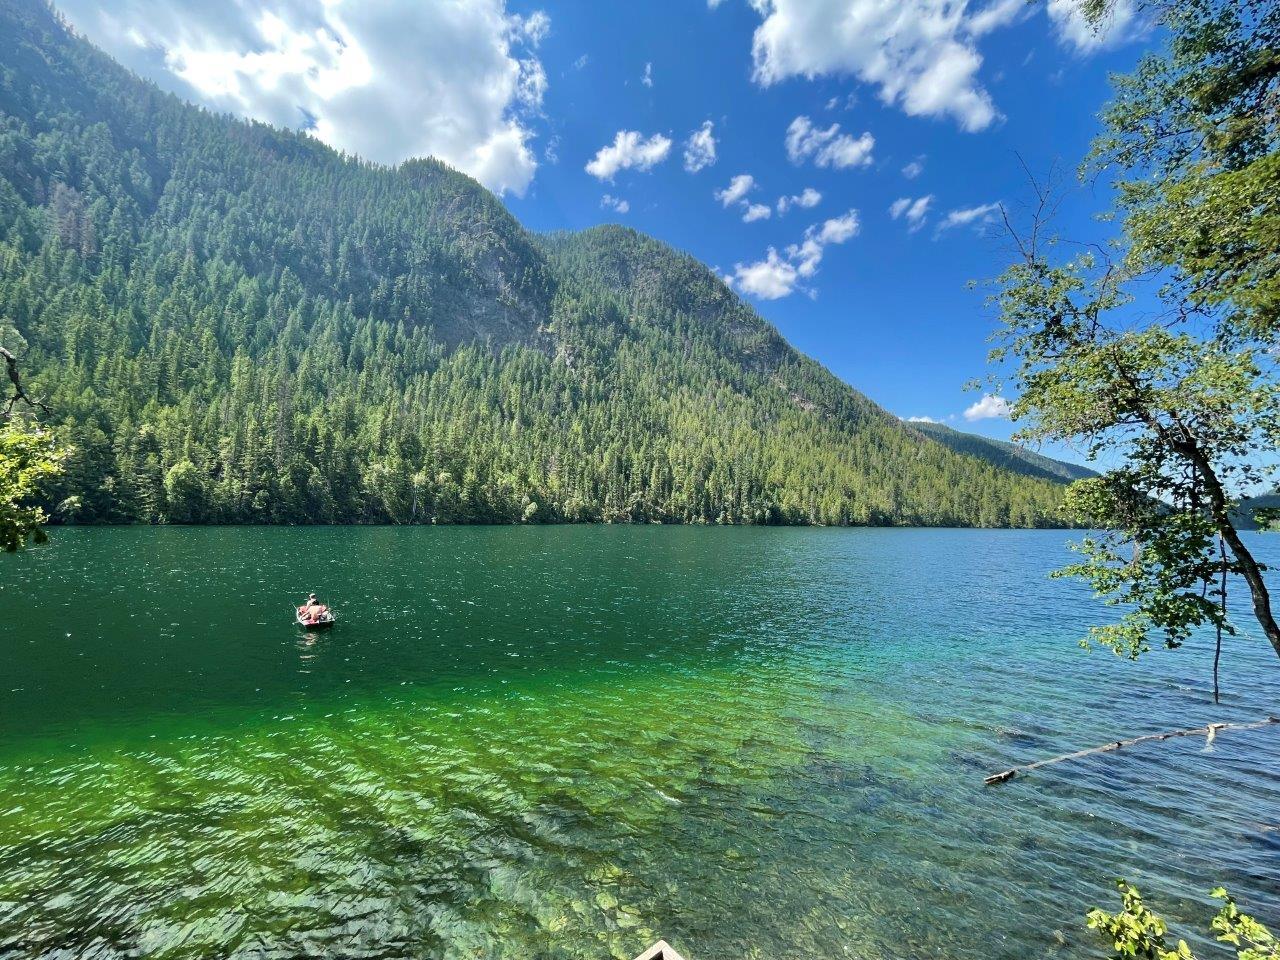 Echo lake resort 09